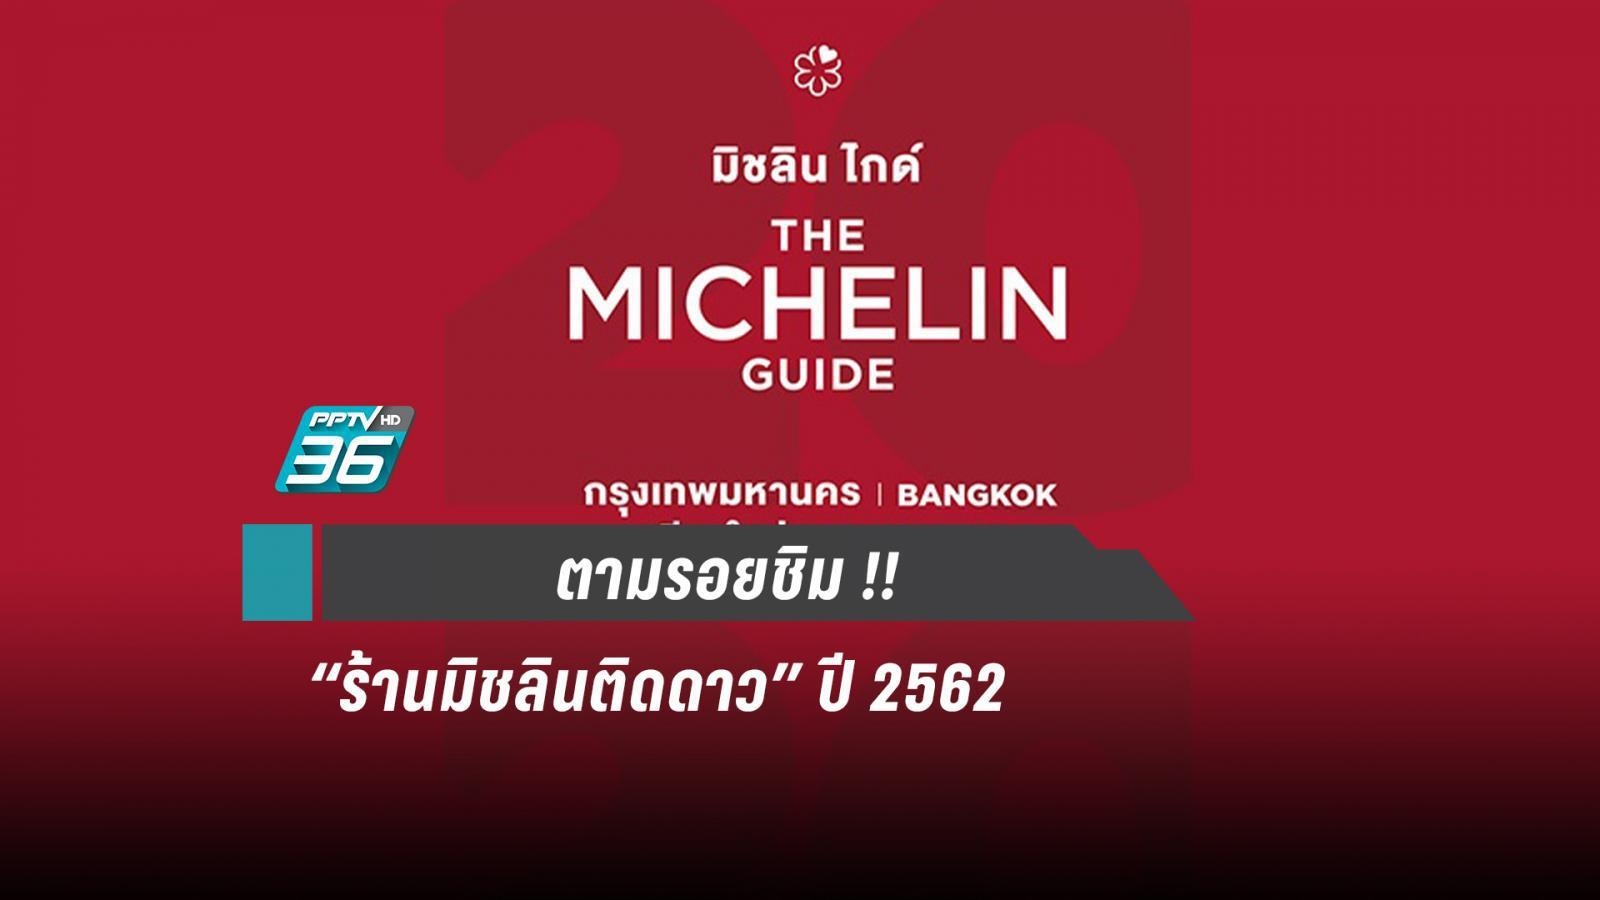 """29 ร้านอาหารของเมืองไทยคว้า """"ดาวมิชลิน ปี 2562"""" มาครอง"""